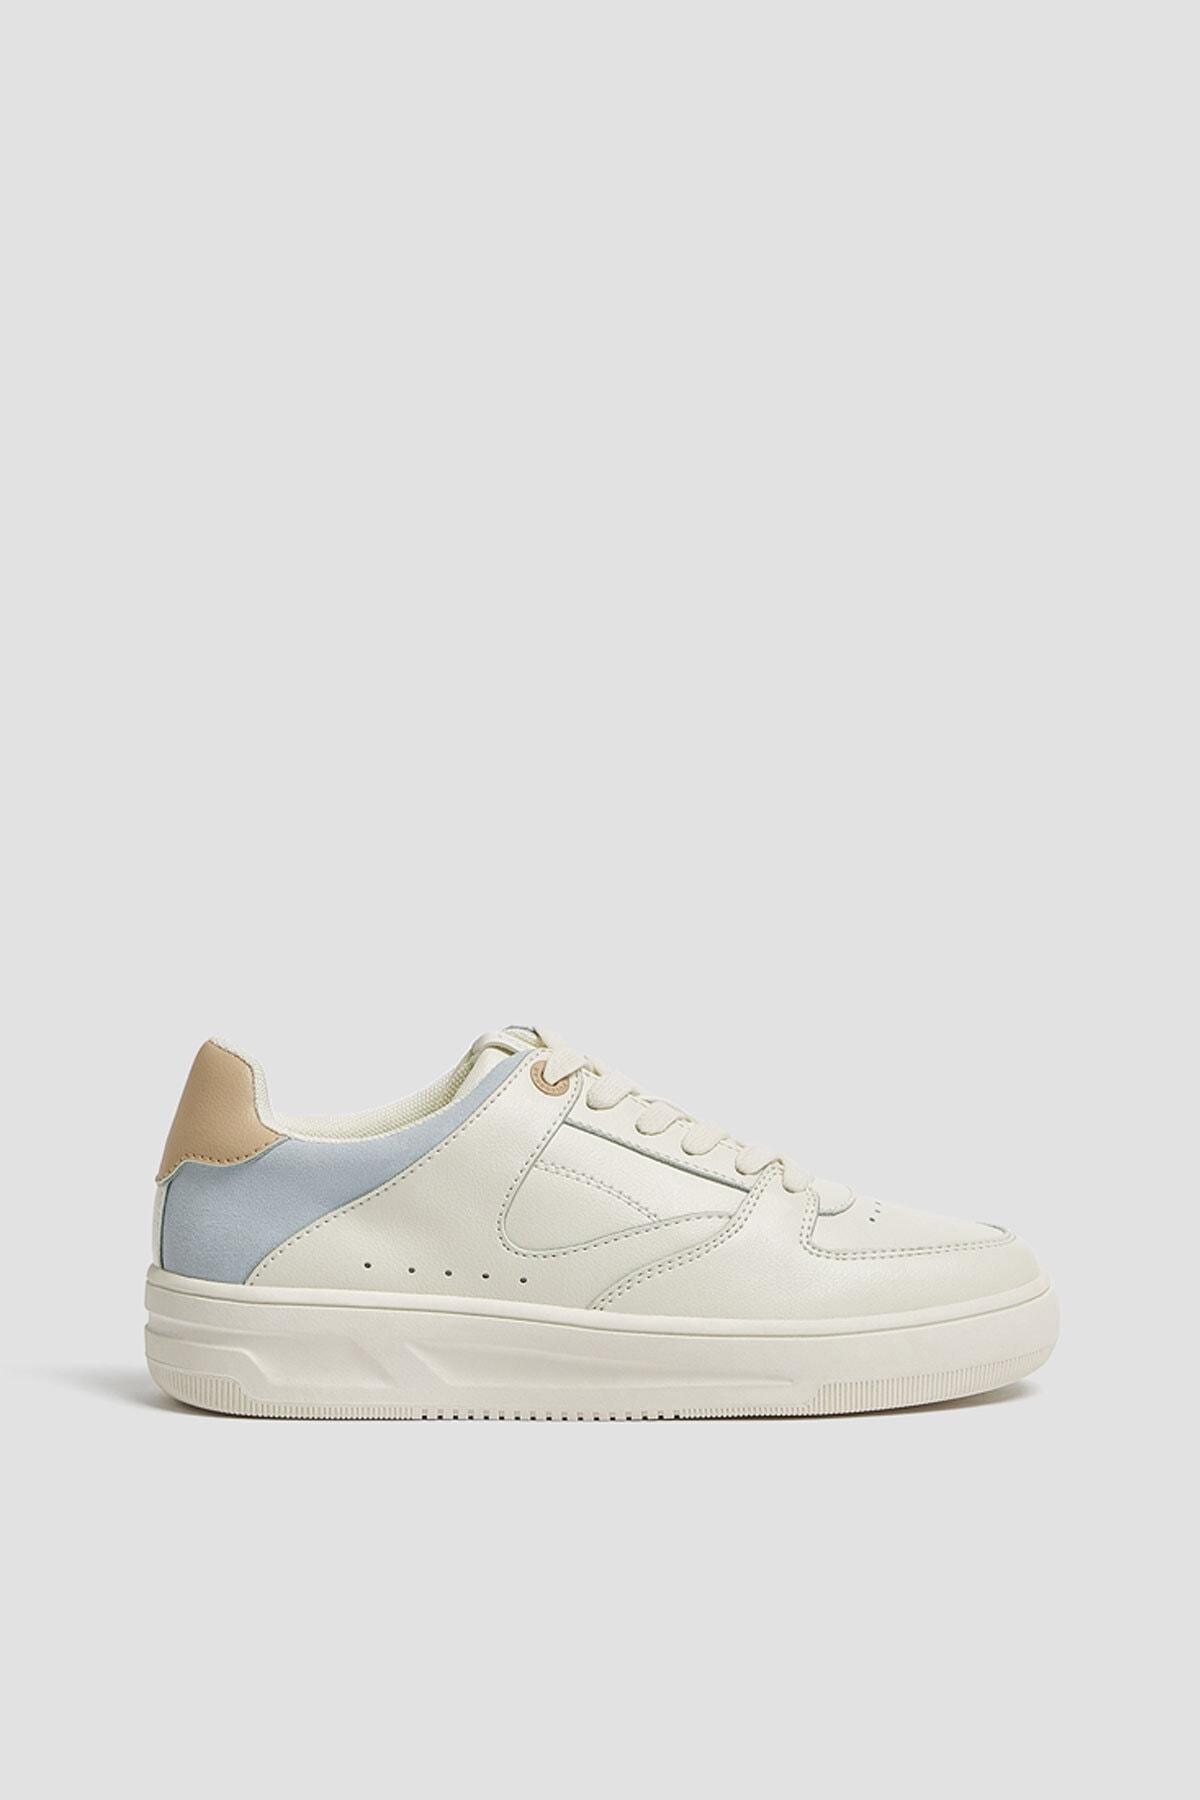 Pull & Bear Kadın Beyaz Parça Detaylı Spor Ayakkabı 11310640 1